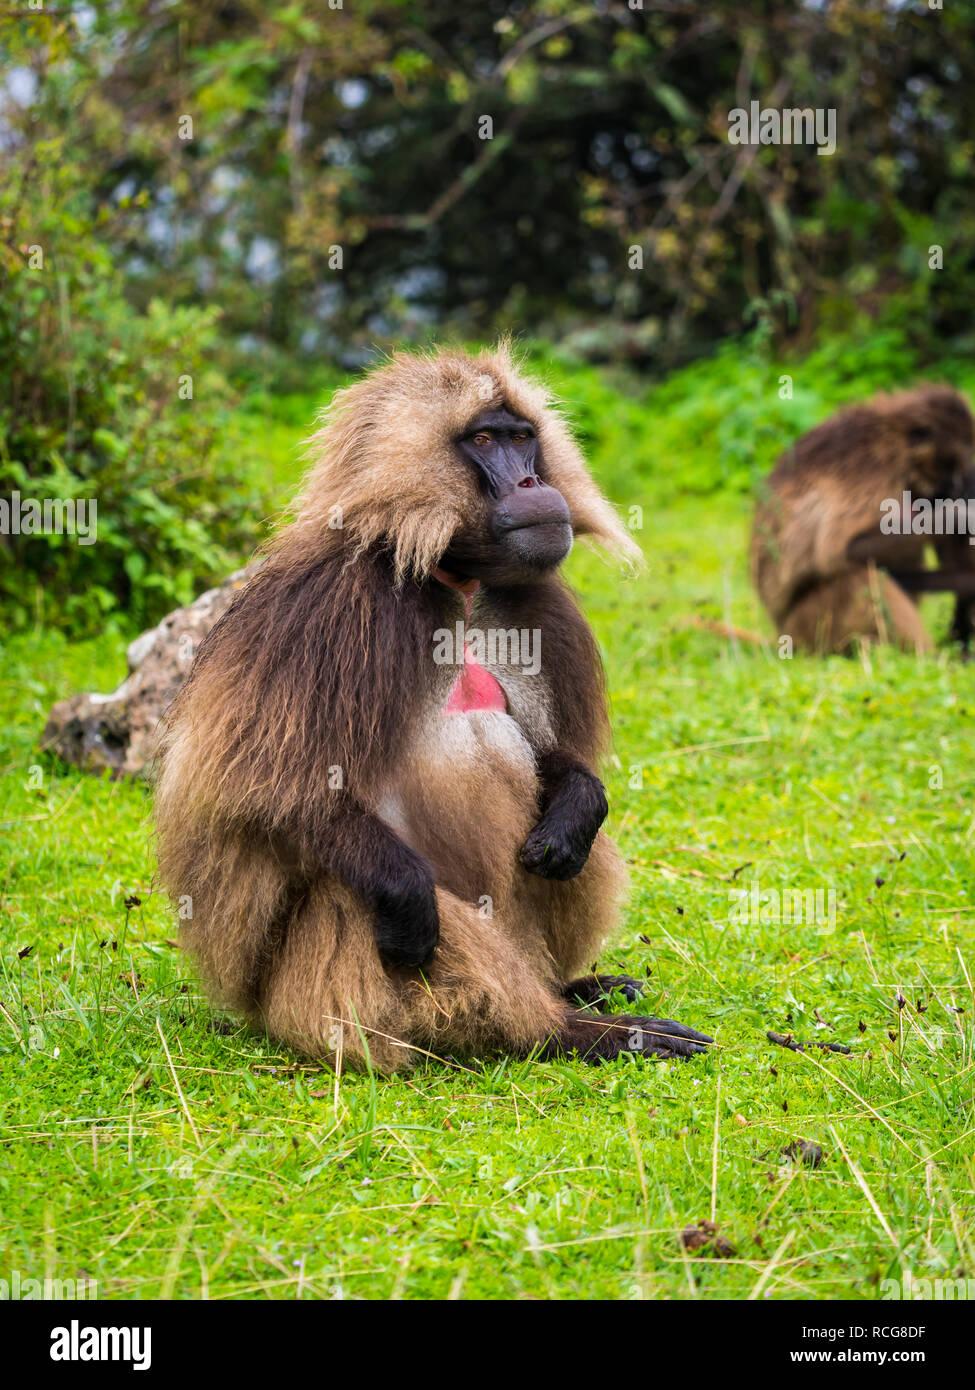 Male Gelada (Theropithecus gelada) monkey in Semien Mountains, Ethiopia. - Stock Image